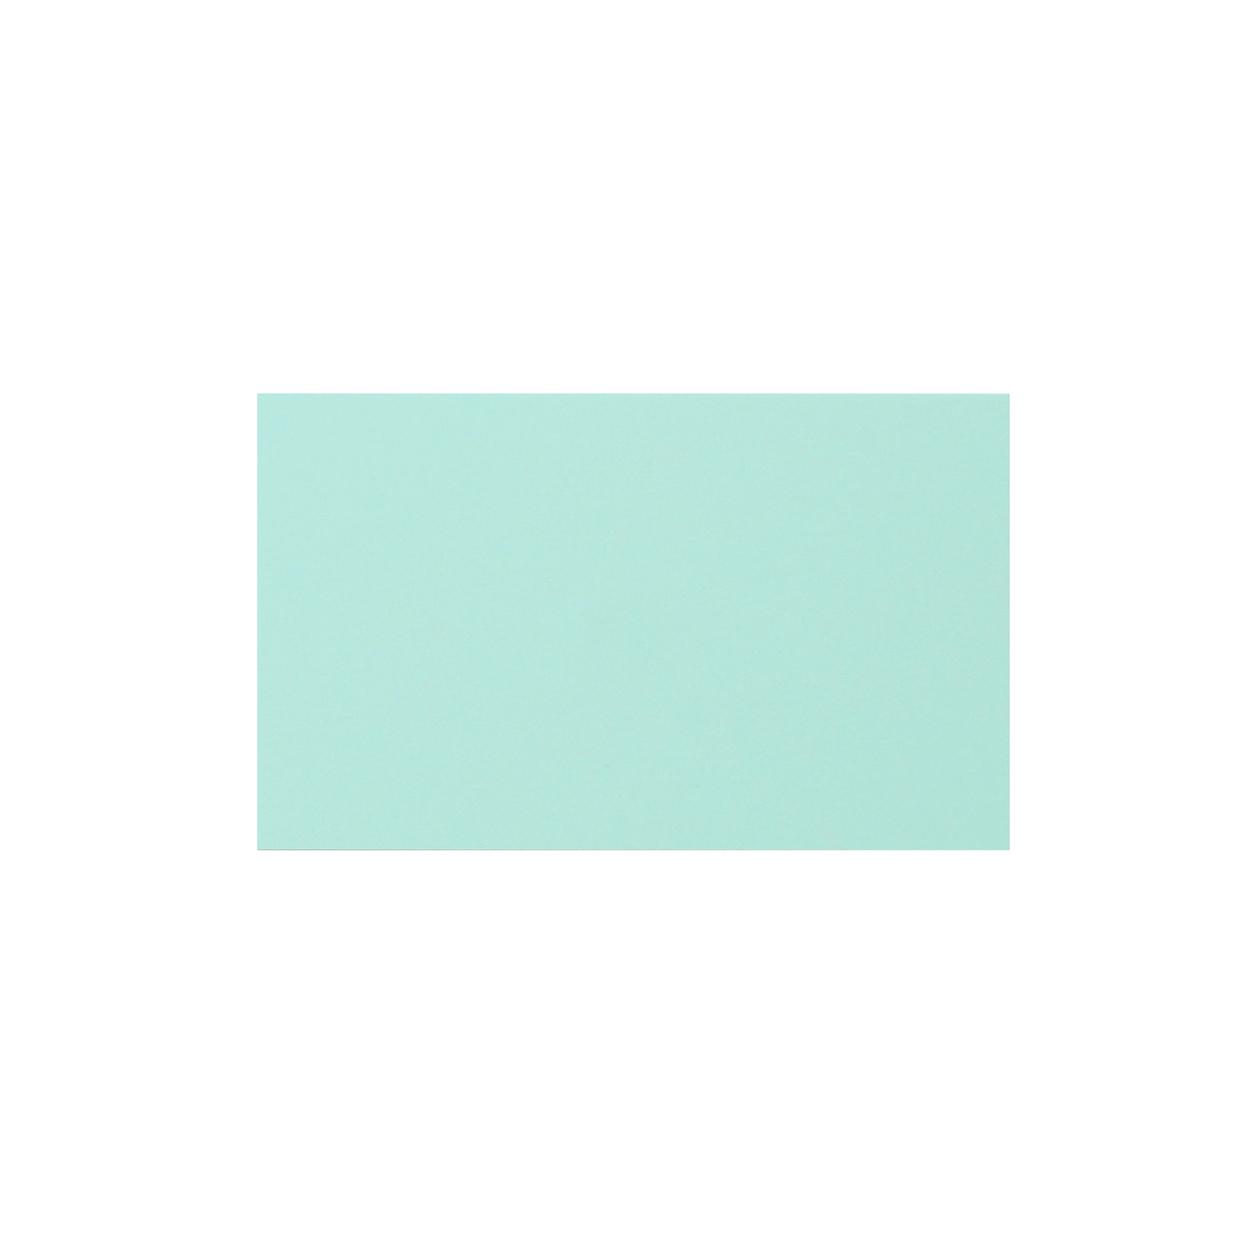 ネームカード ボード紙 ペールブルー 465g